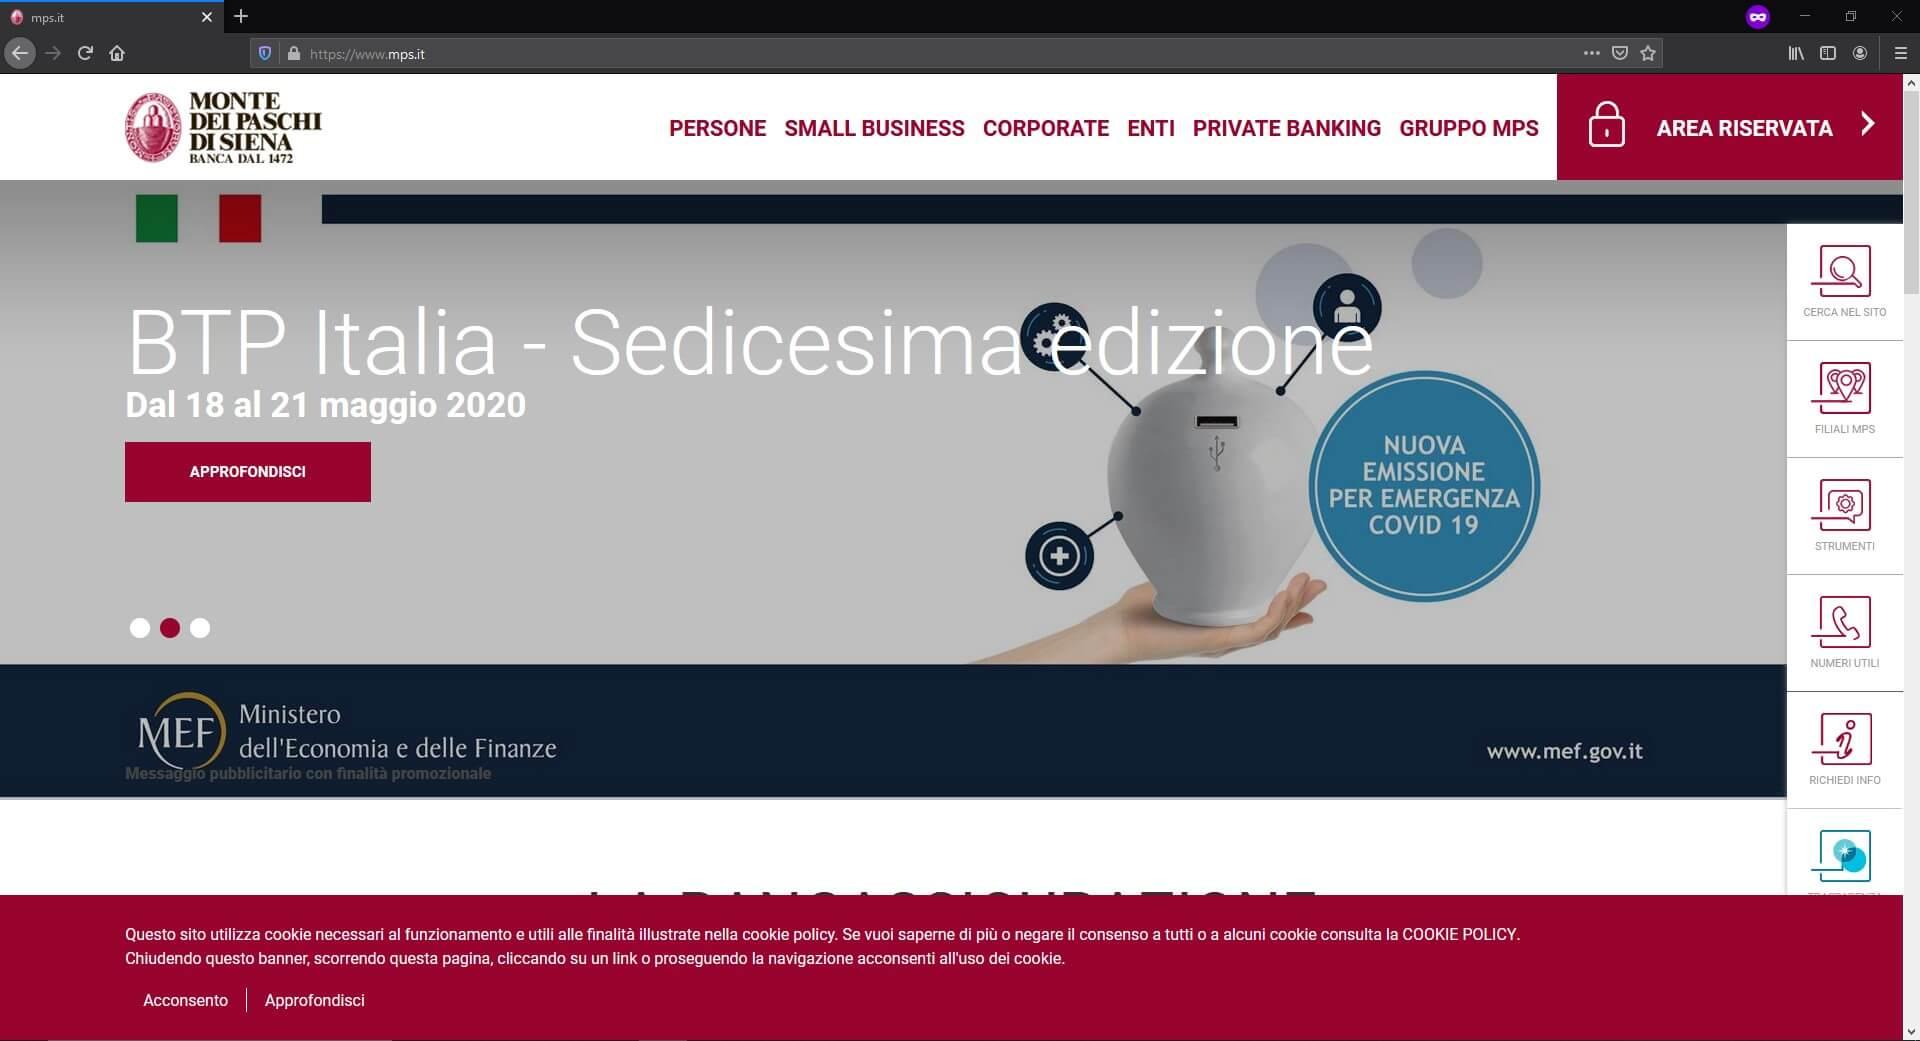 Banca MPS sito